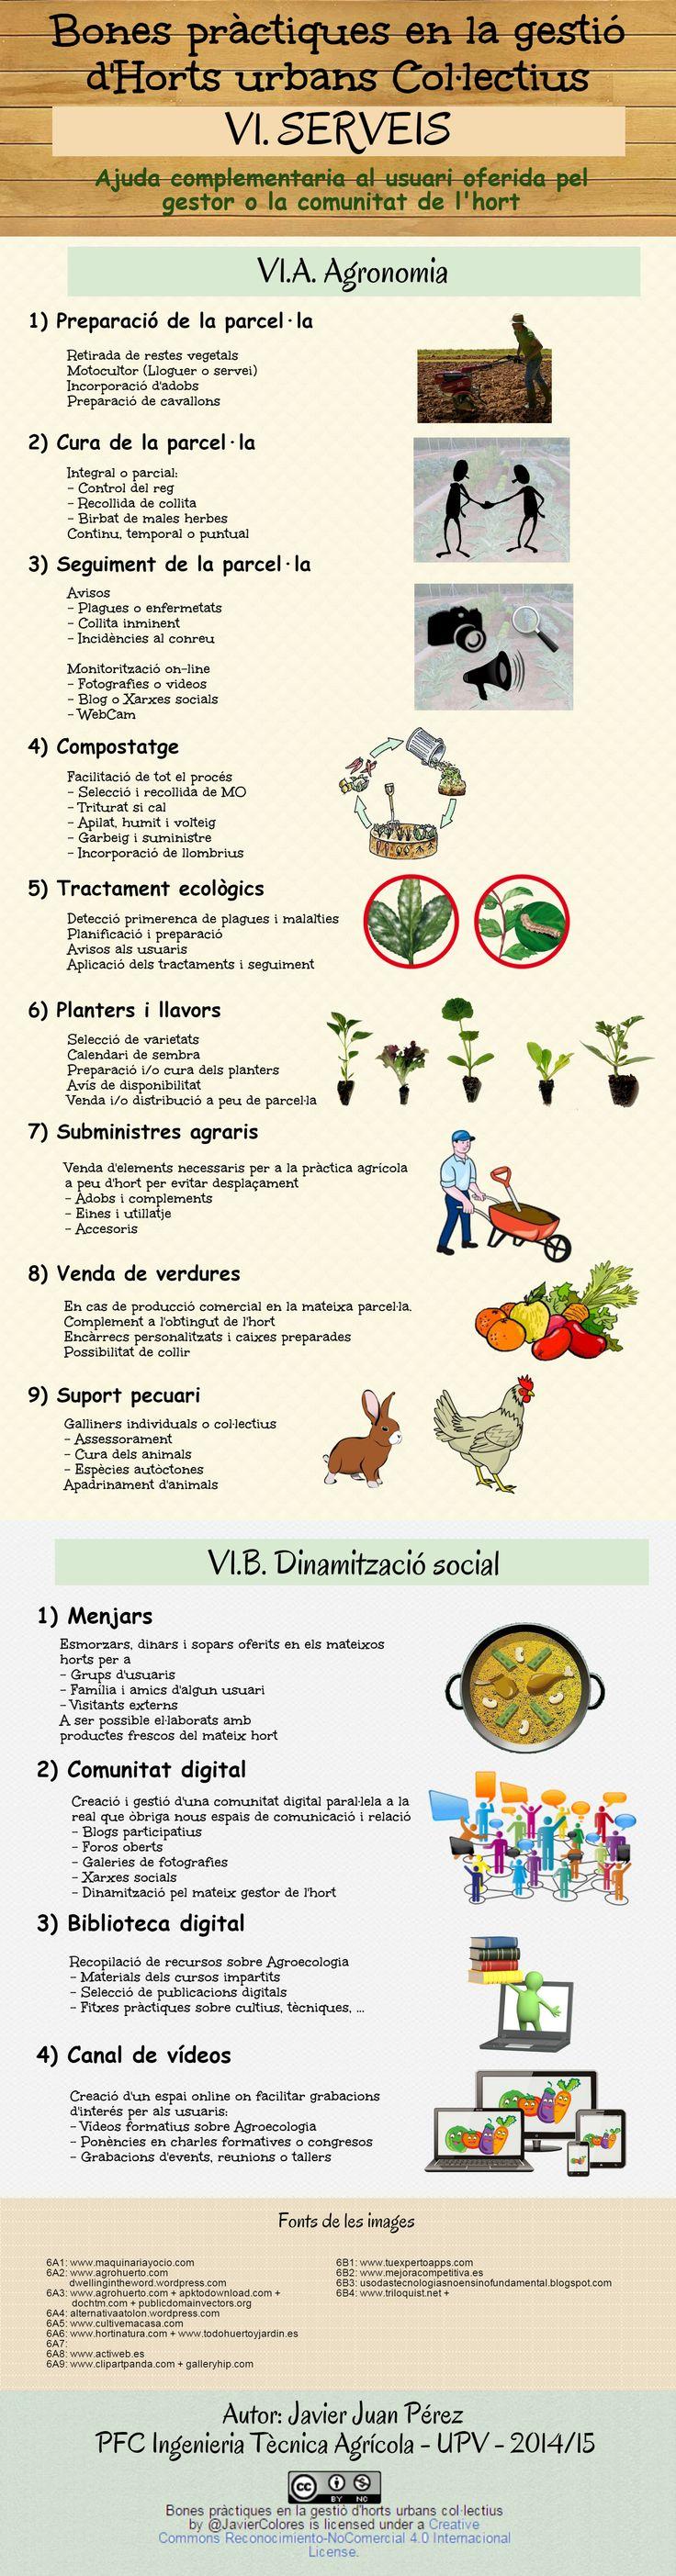 VI. SERVEIS Ajuda complementaria al usuari oferida pel gestor o la comunitat de l'hort